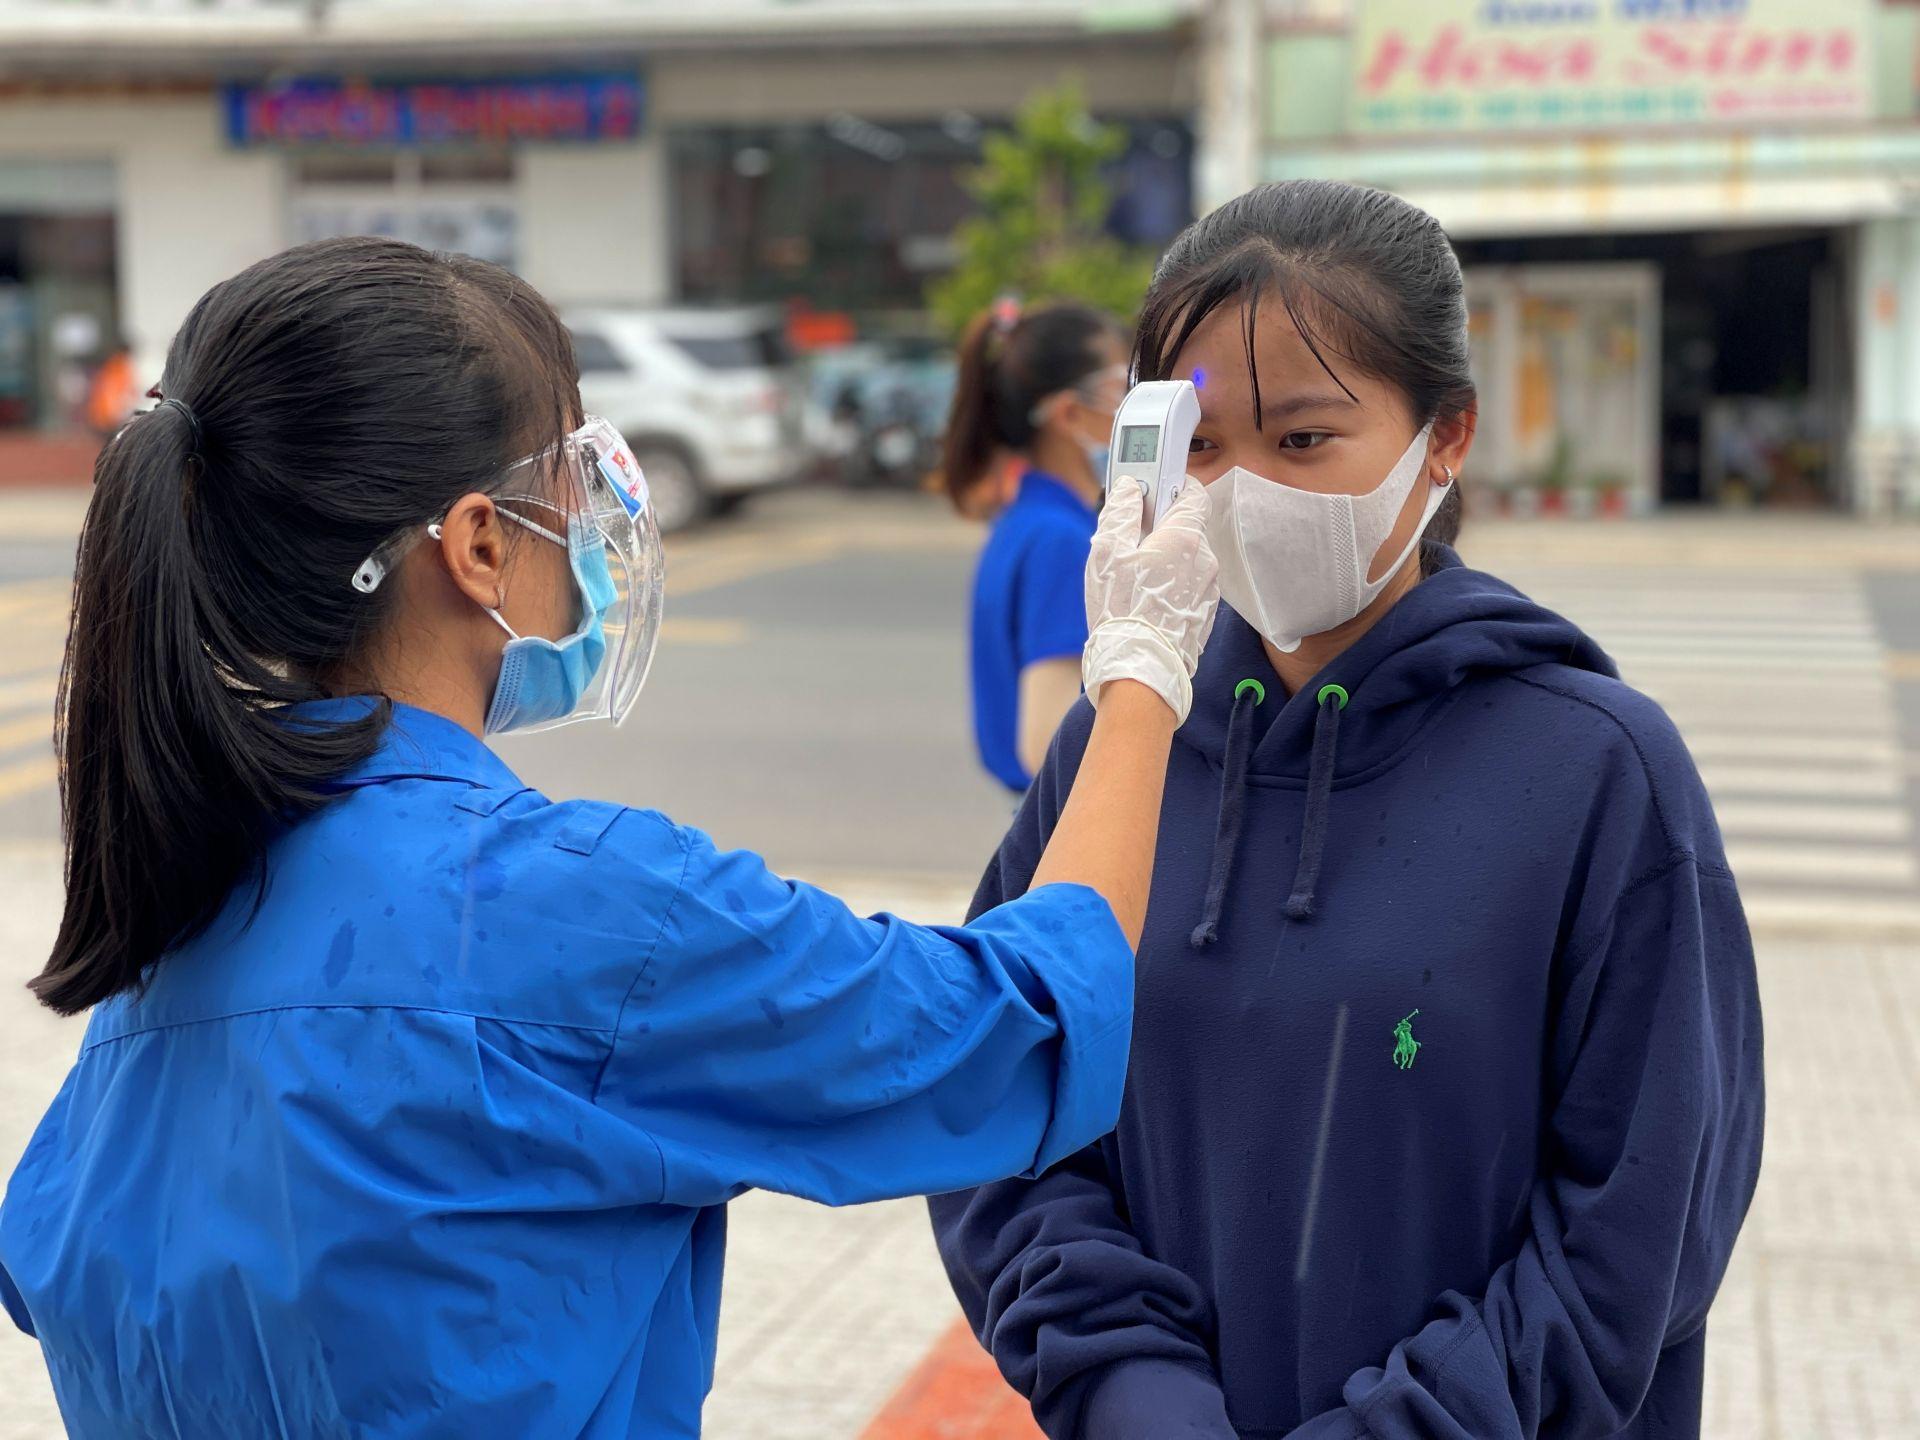 Tra cứu điểm thi tốt nghiệp THPT 2021 tỉnh Tiền Giang